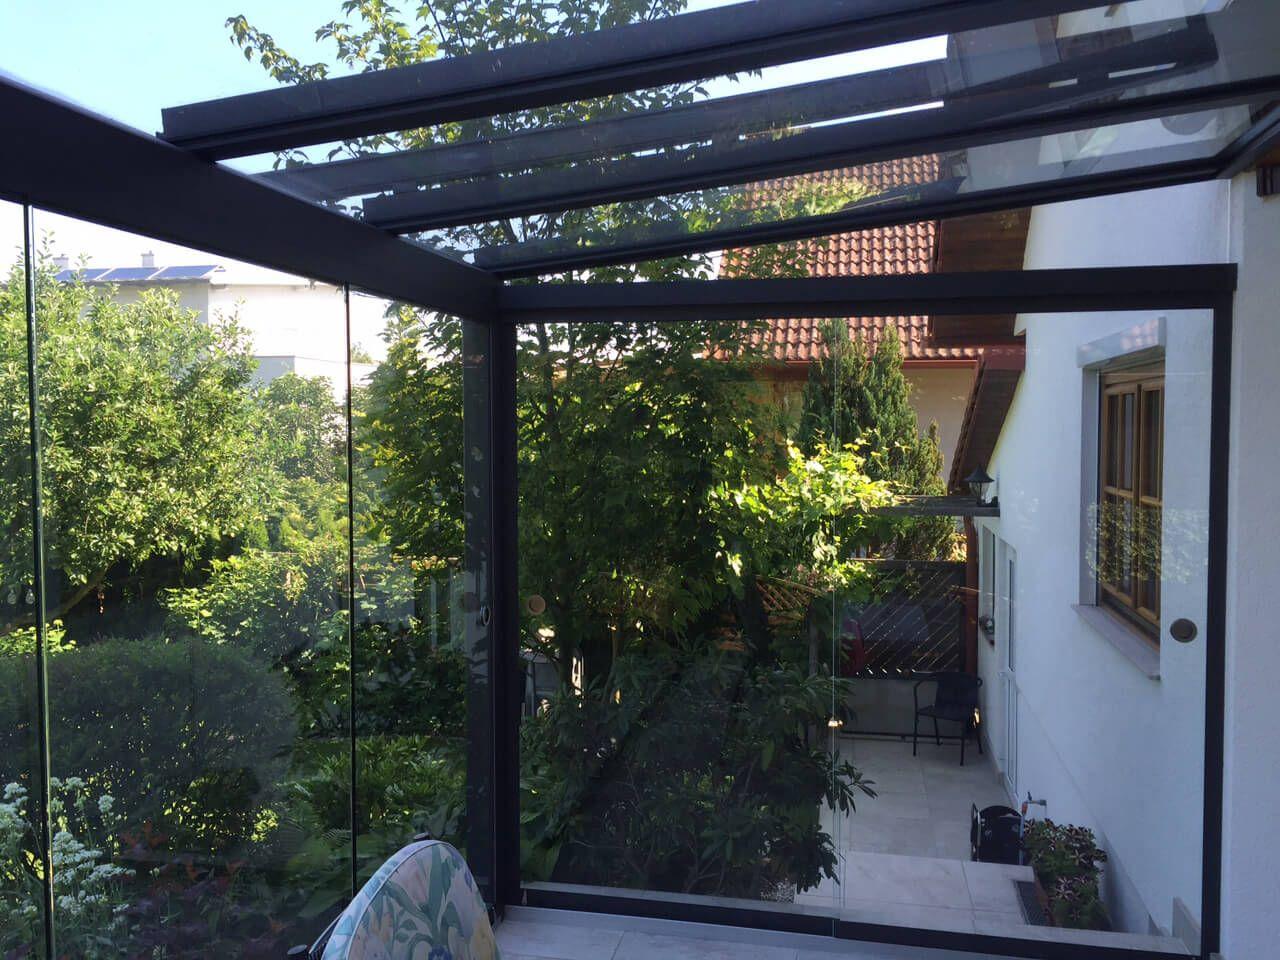 WintergartenSDL Akzent plusSL 80 Wintergarten